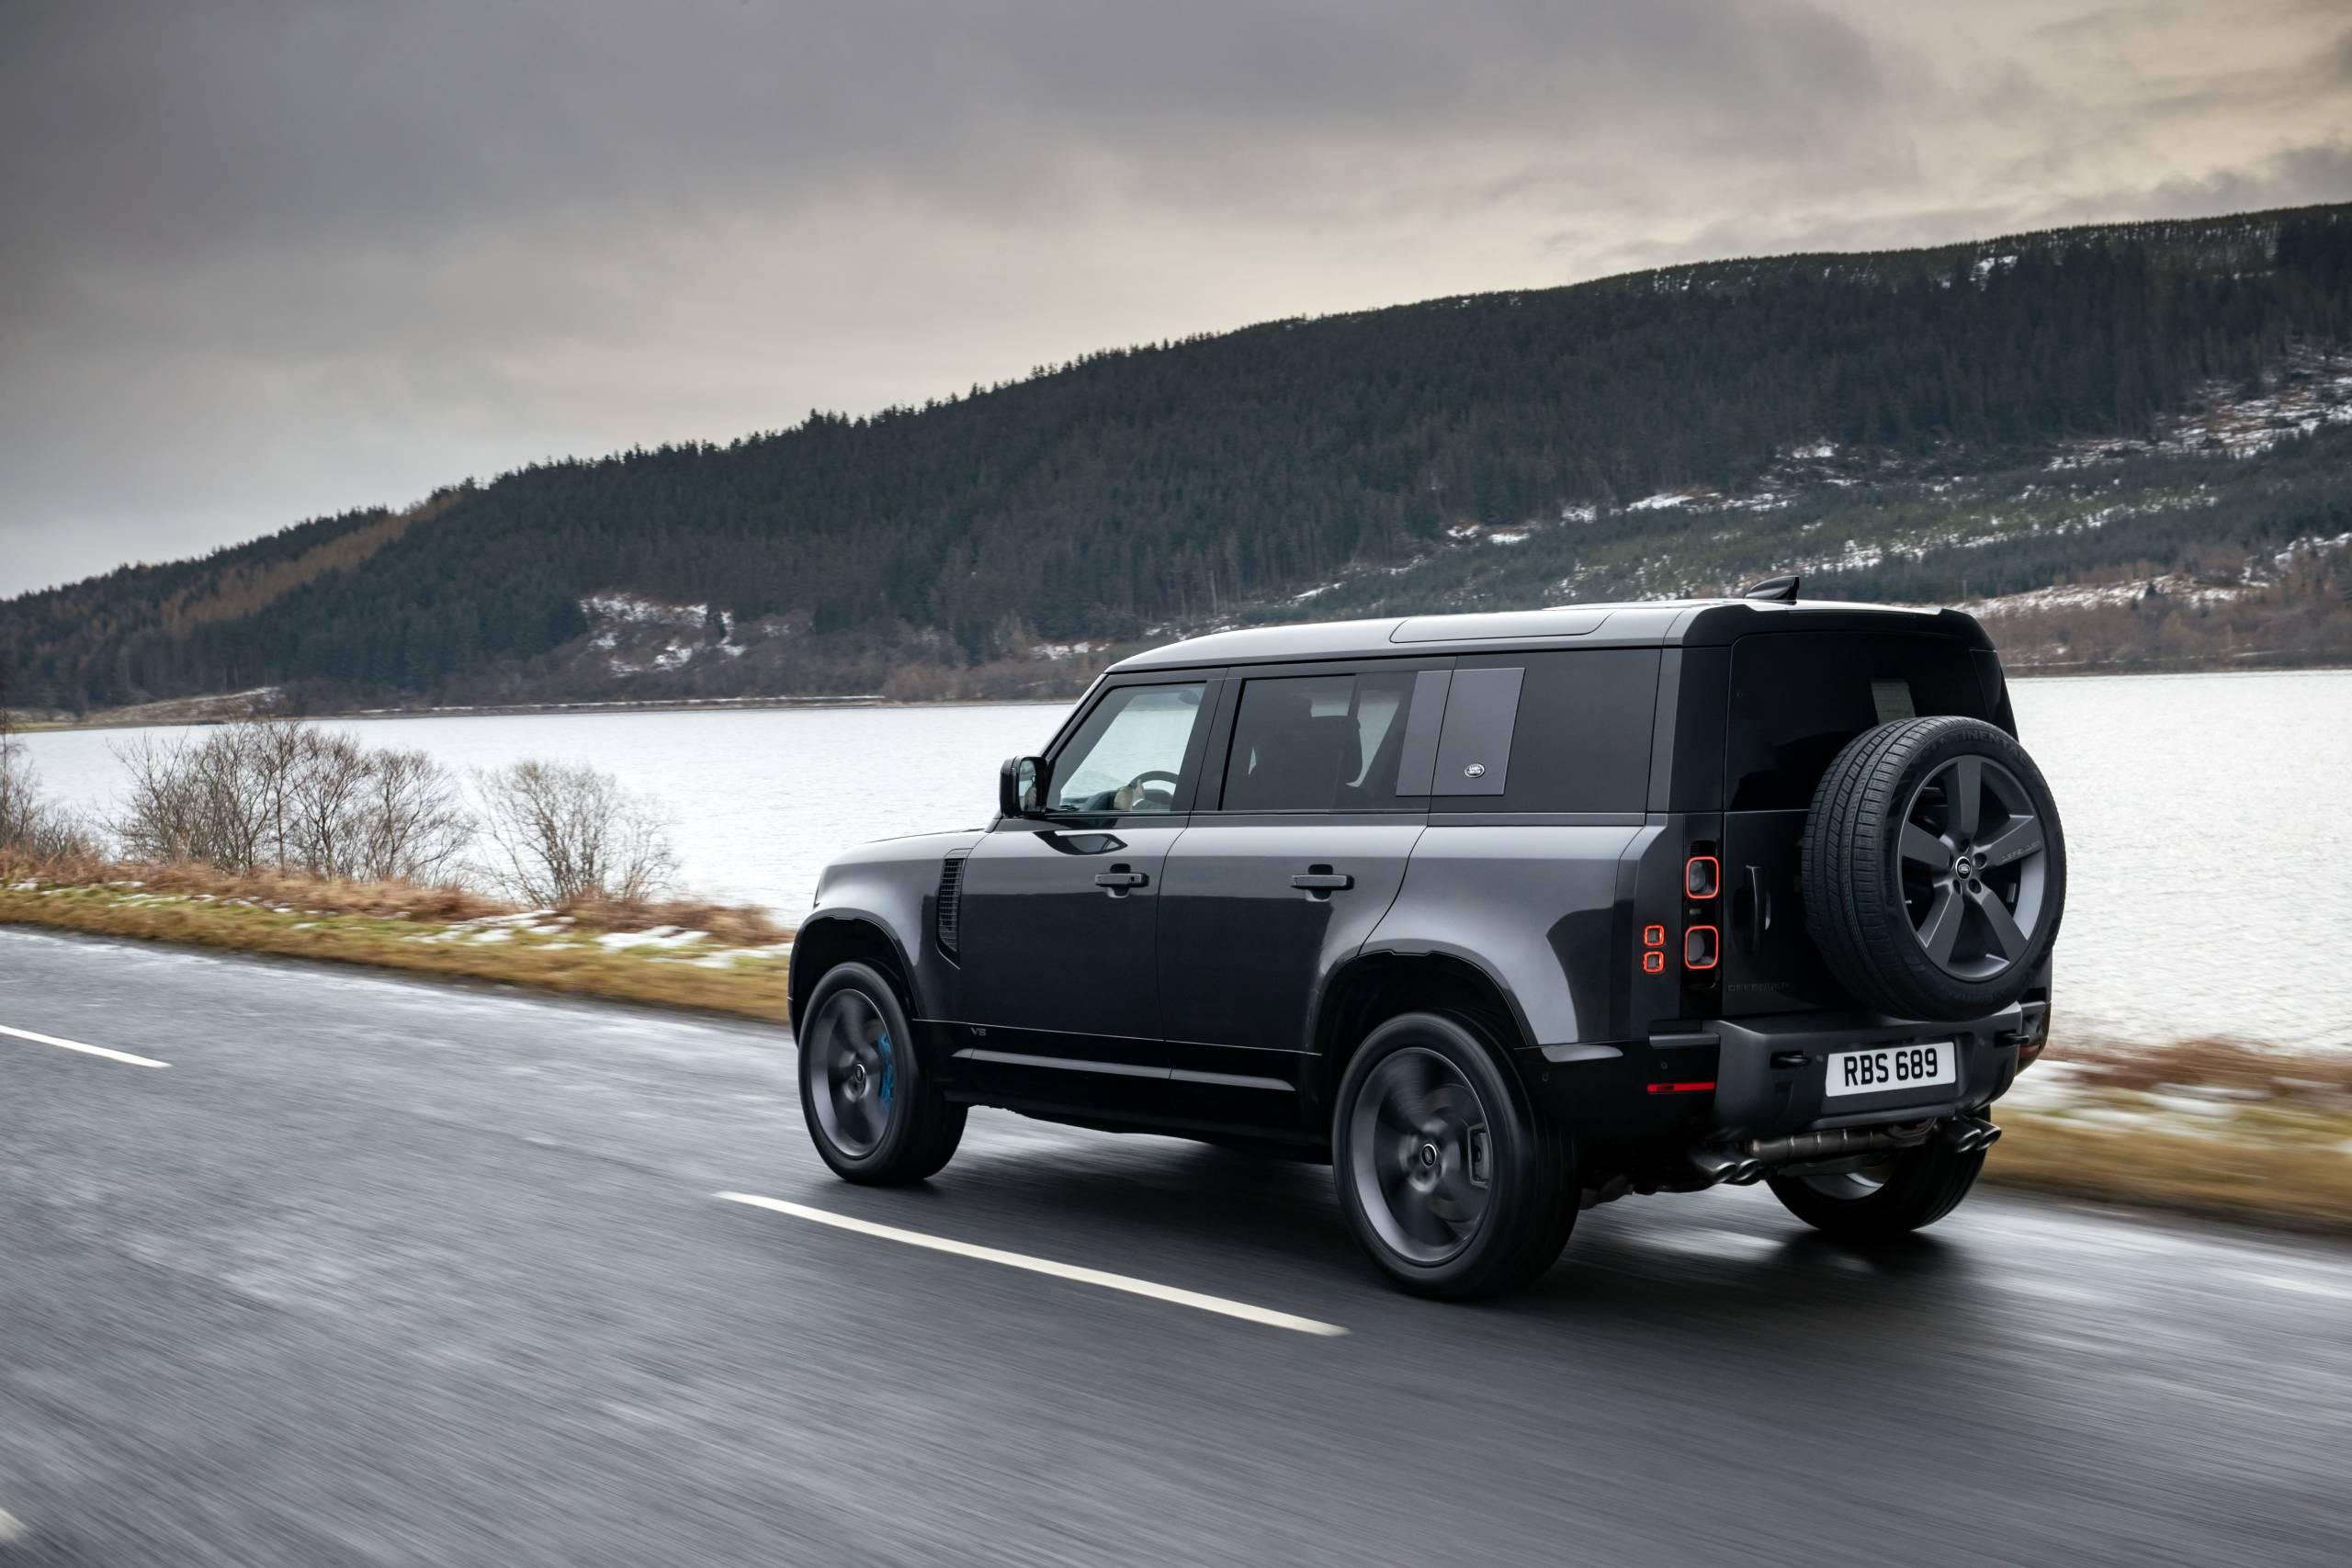 2022 Land Rover Defender 110 V8 on highway